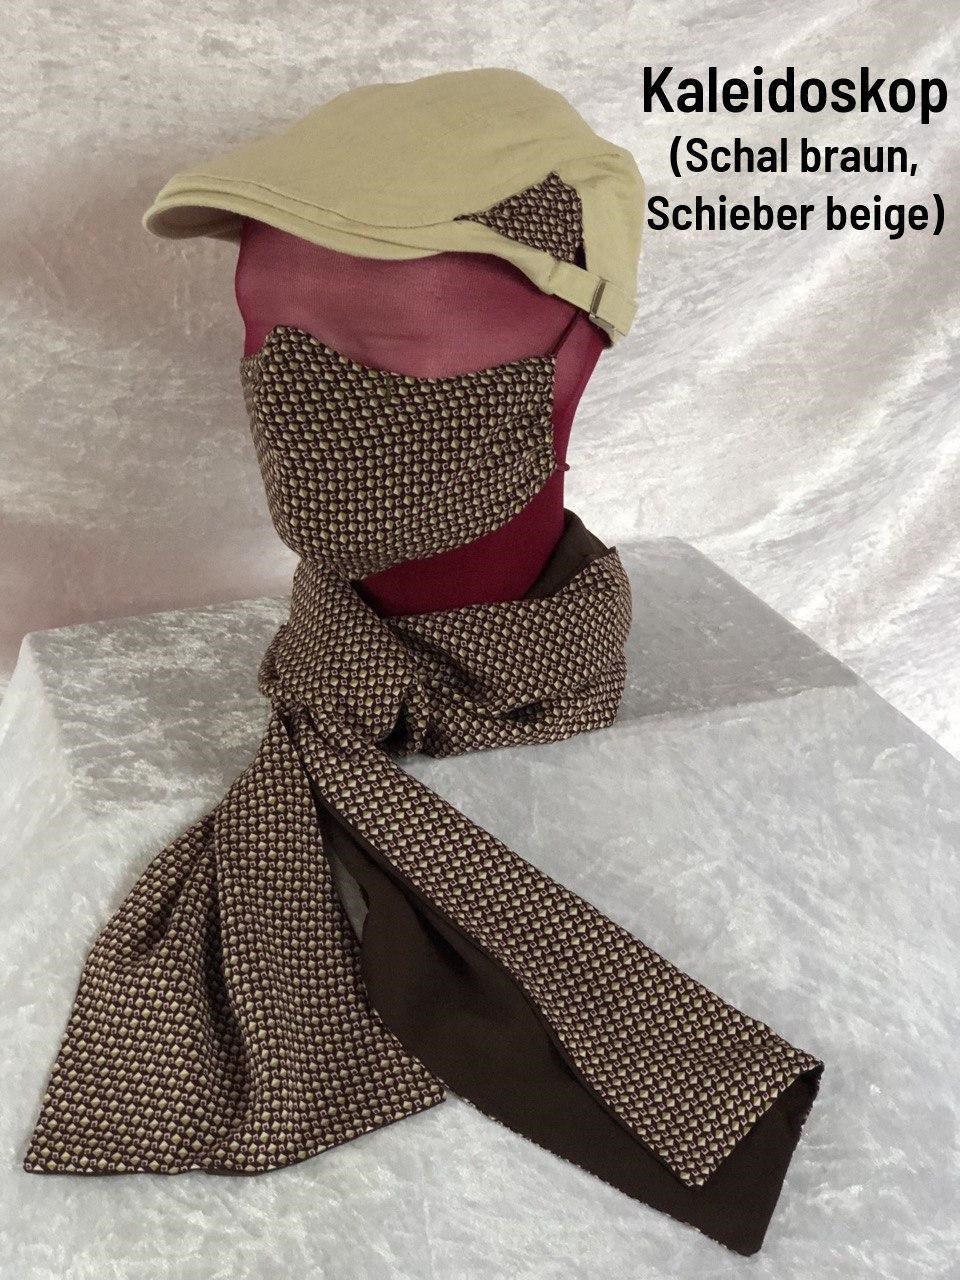 B2 -Maske + Schal + Schieber beige